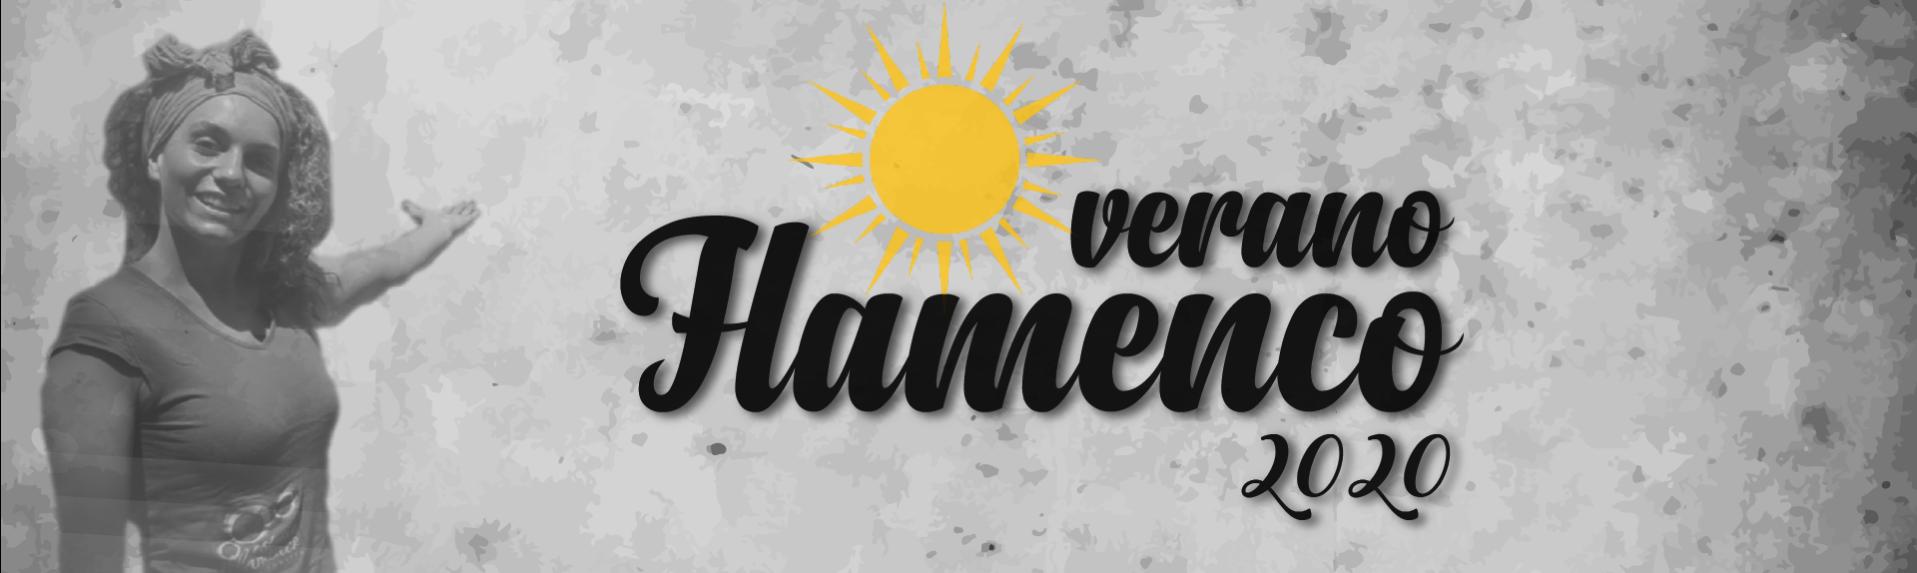 verano flamenco 2020